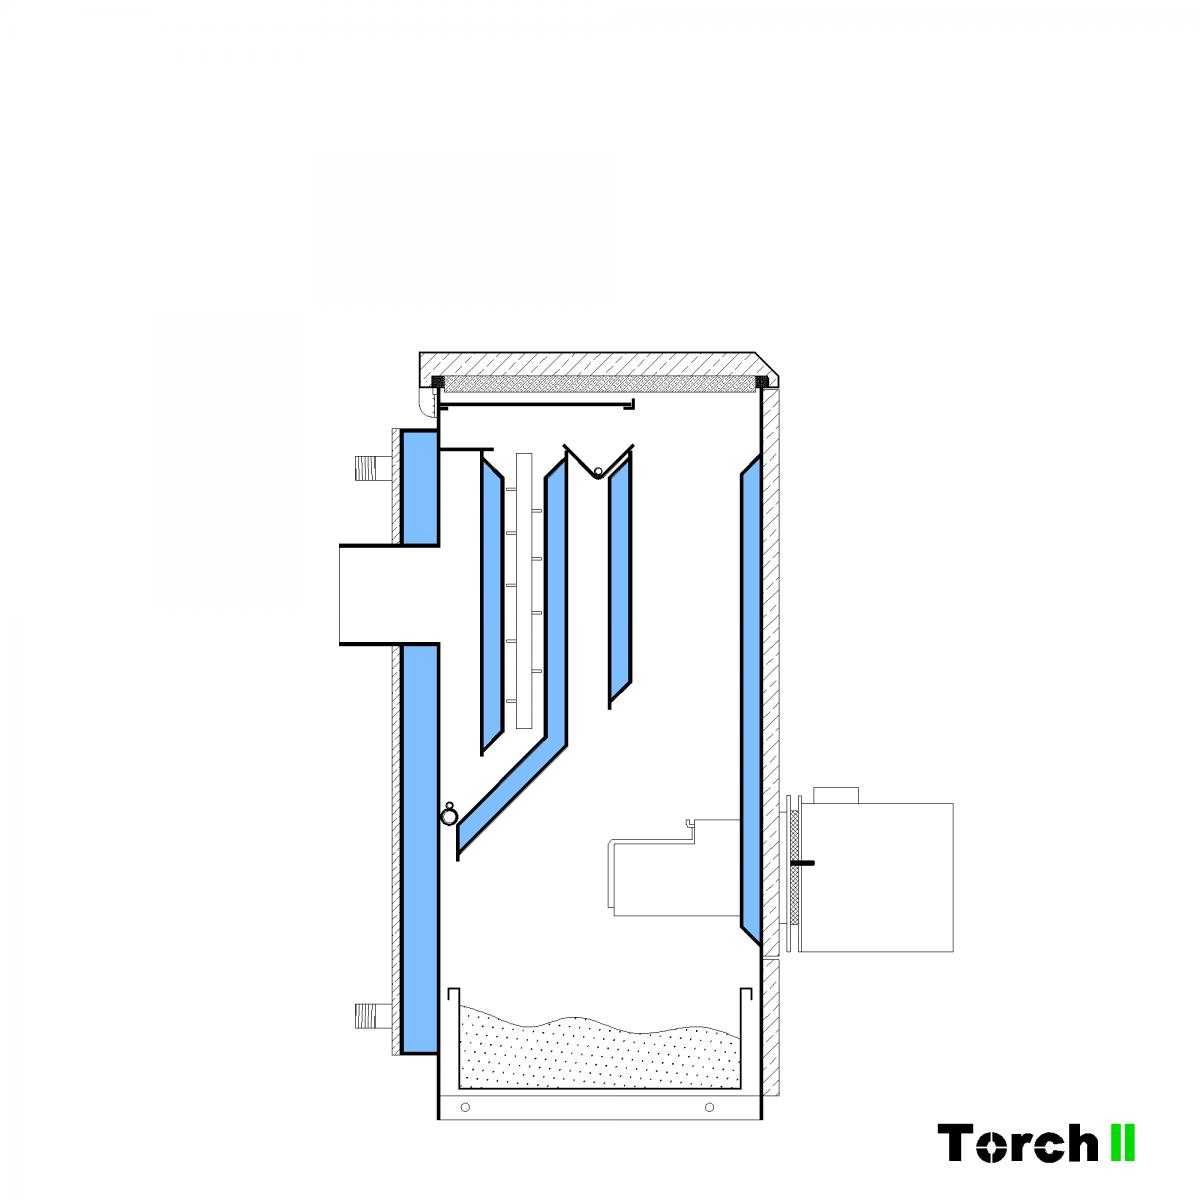 Почистване на пелетен котел Torch II - стъпка 1